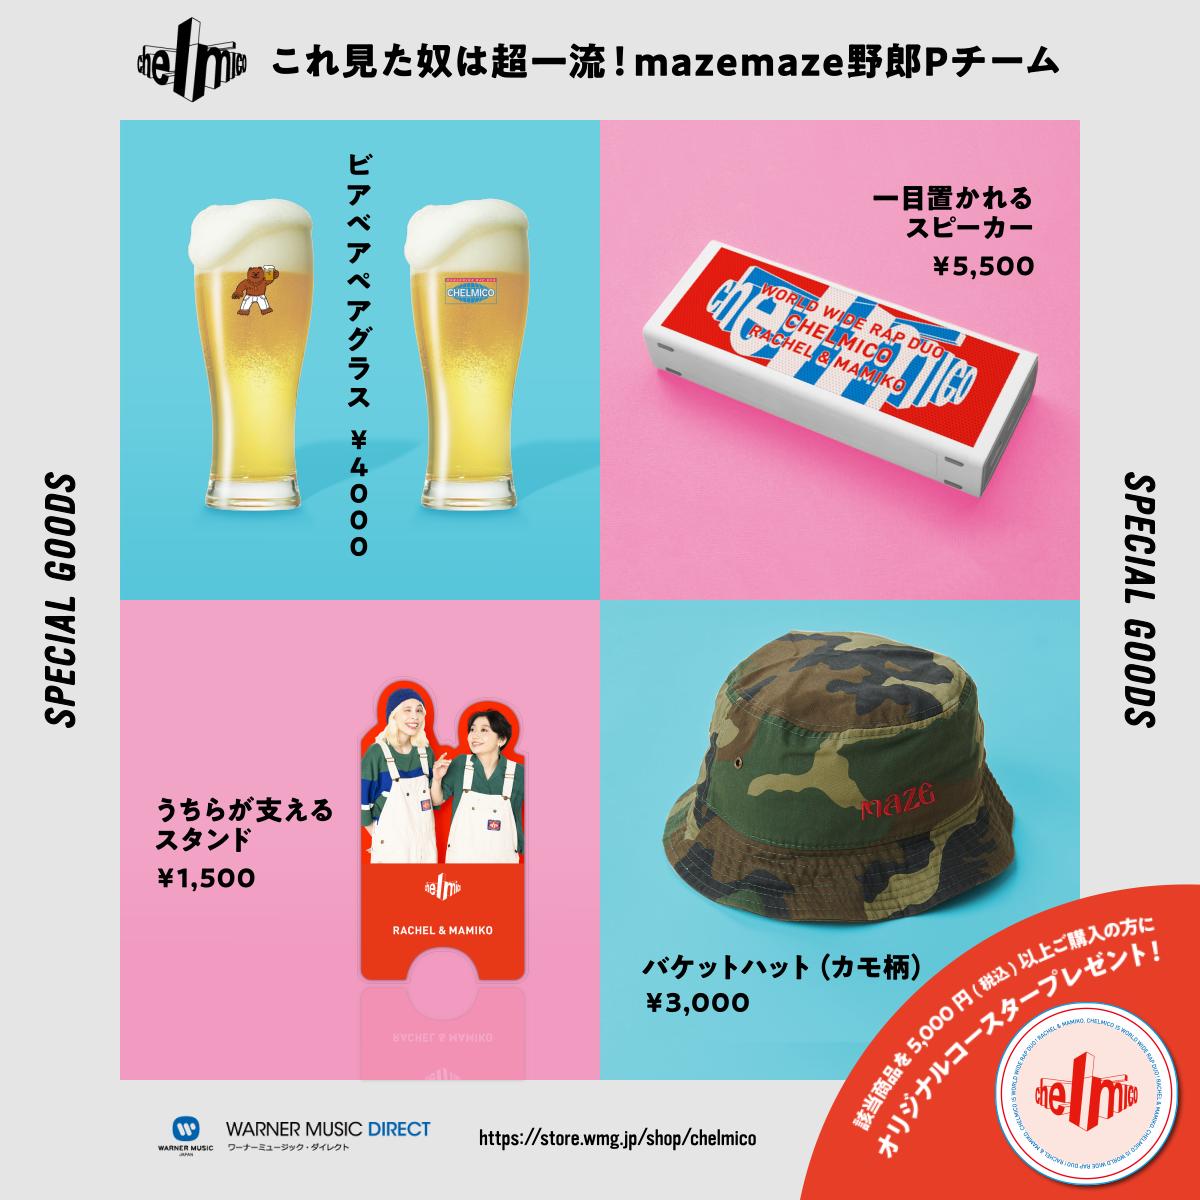 オンラインライブを記念したスペシャルグッズの予約スタート!